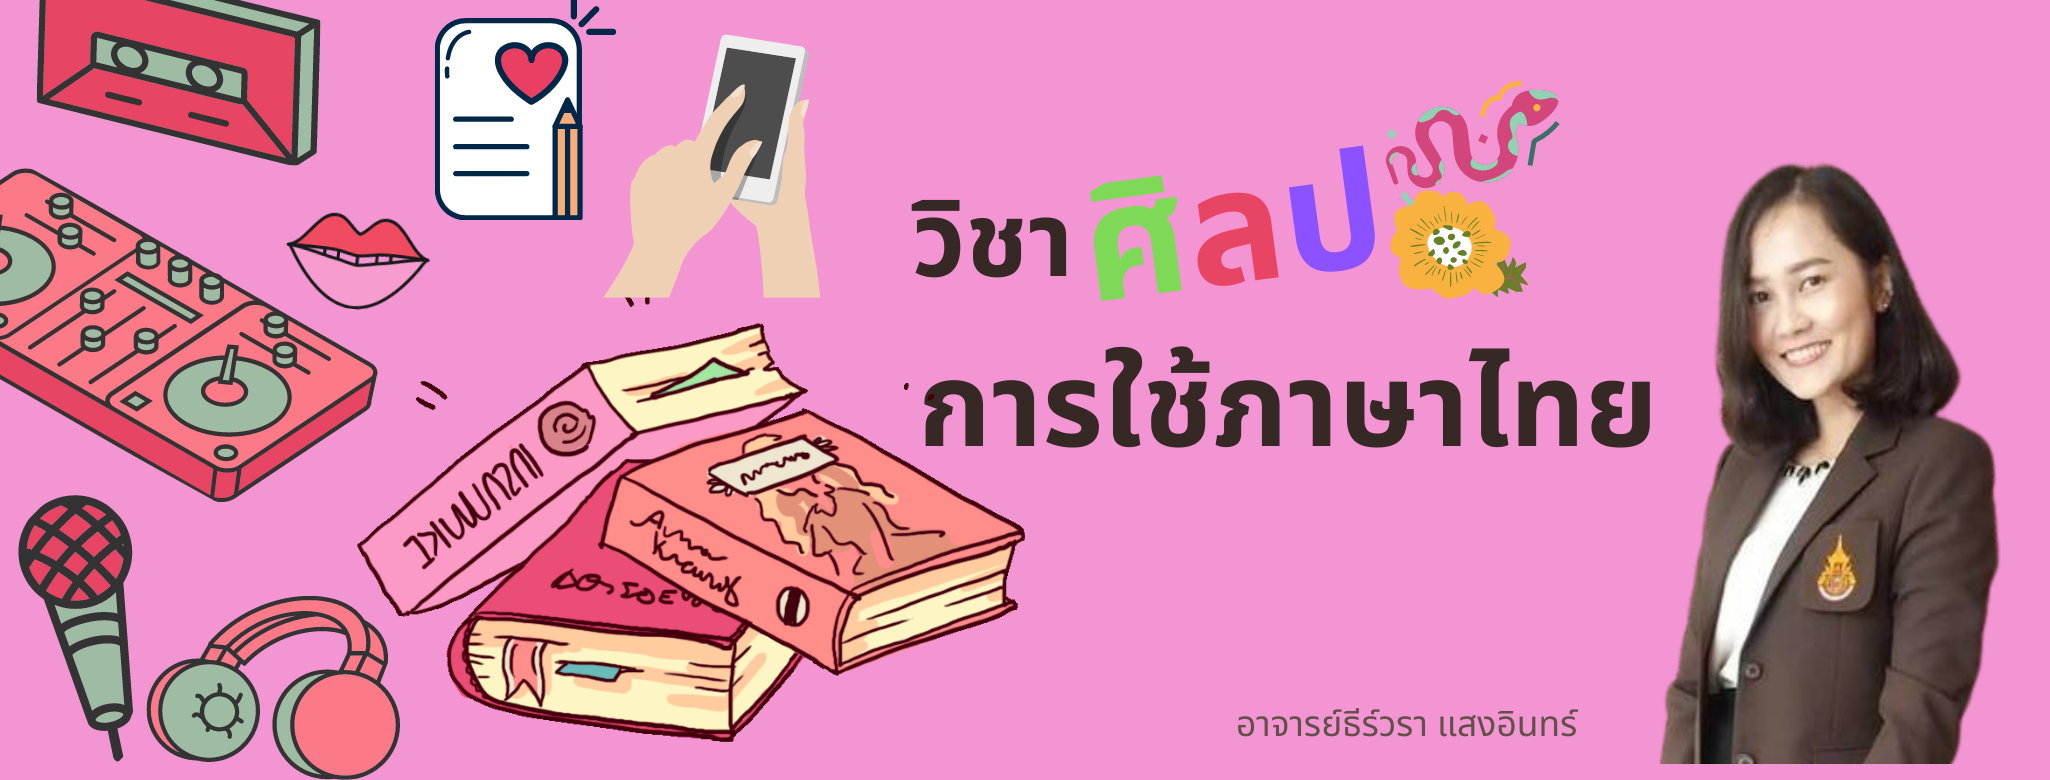 ศิลปะการใช้ภาษาไทย / Arts of Using Thai Language